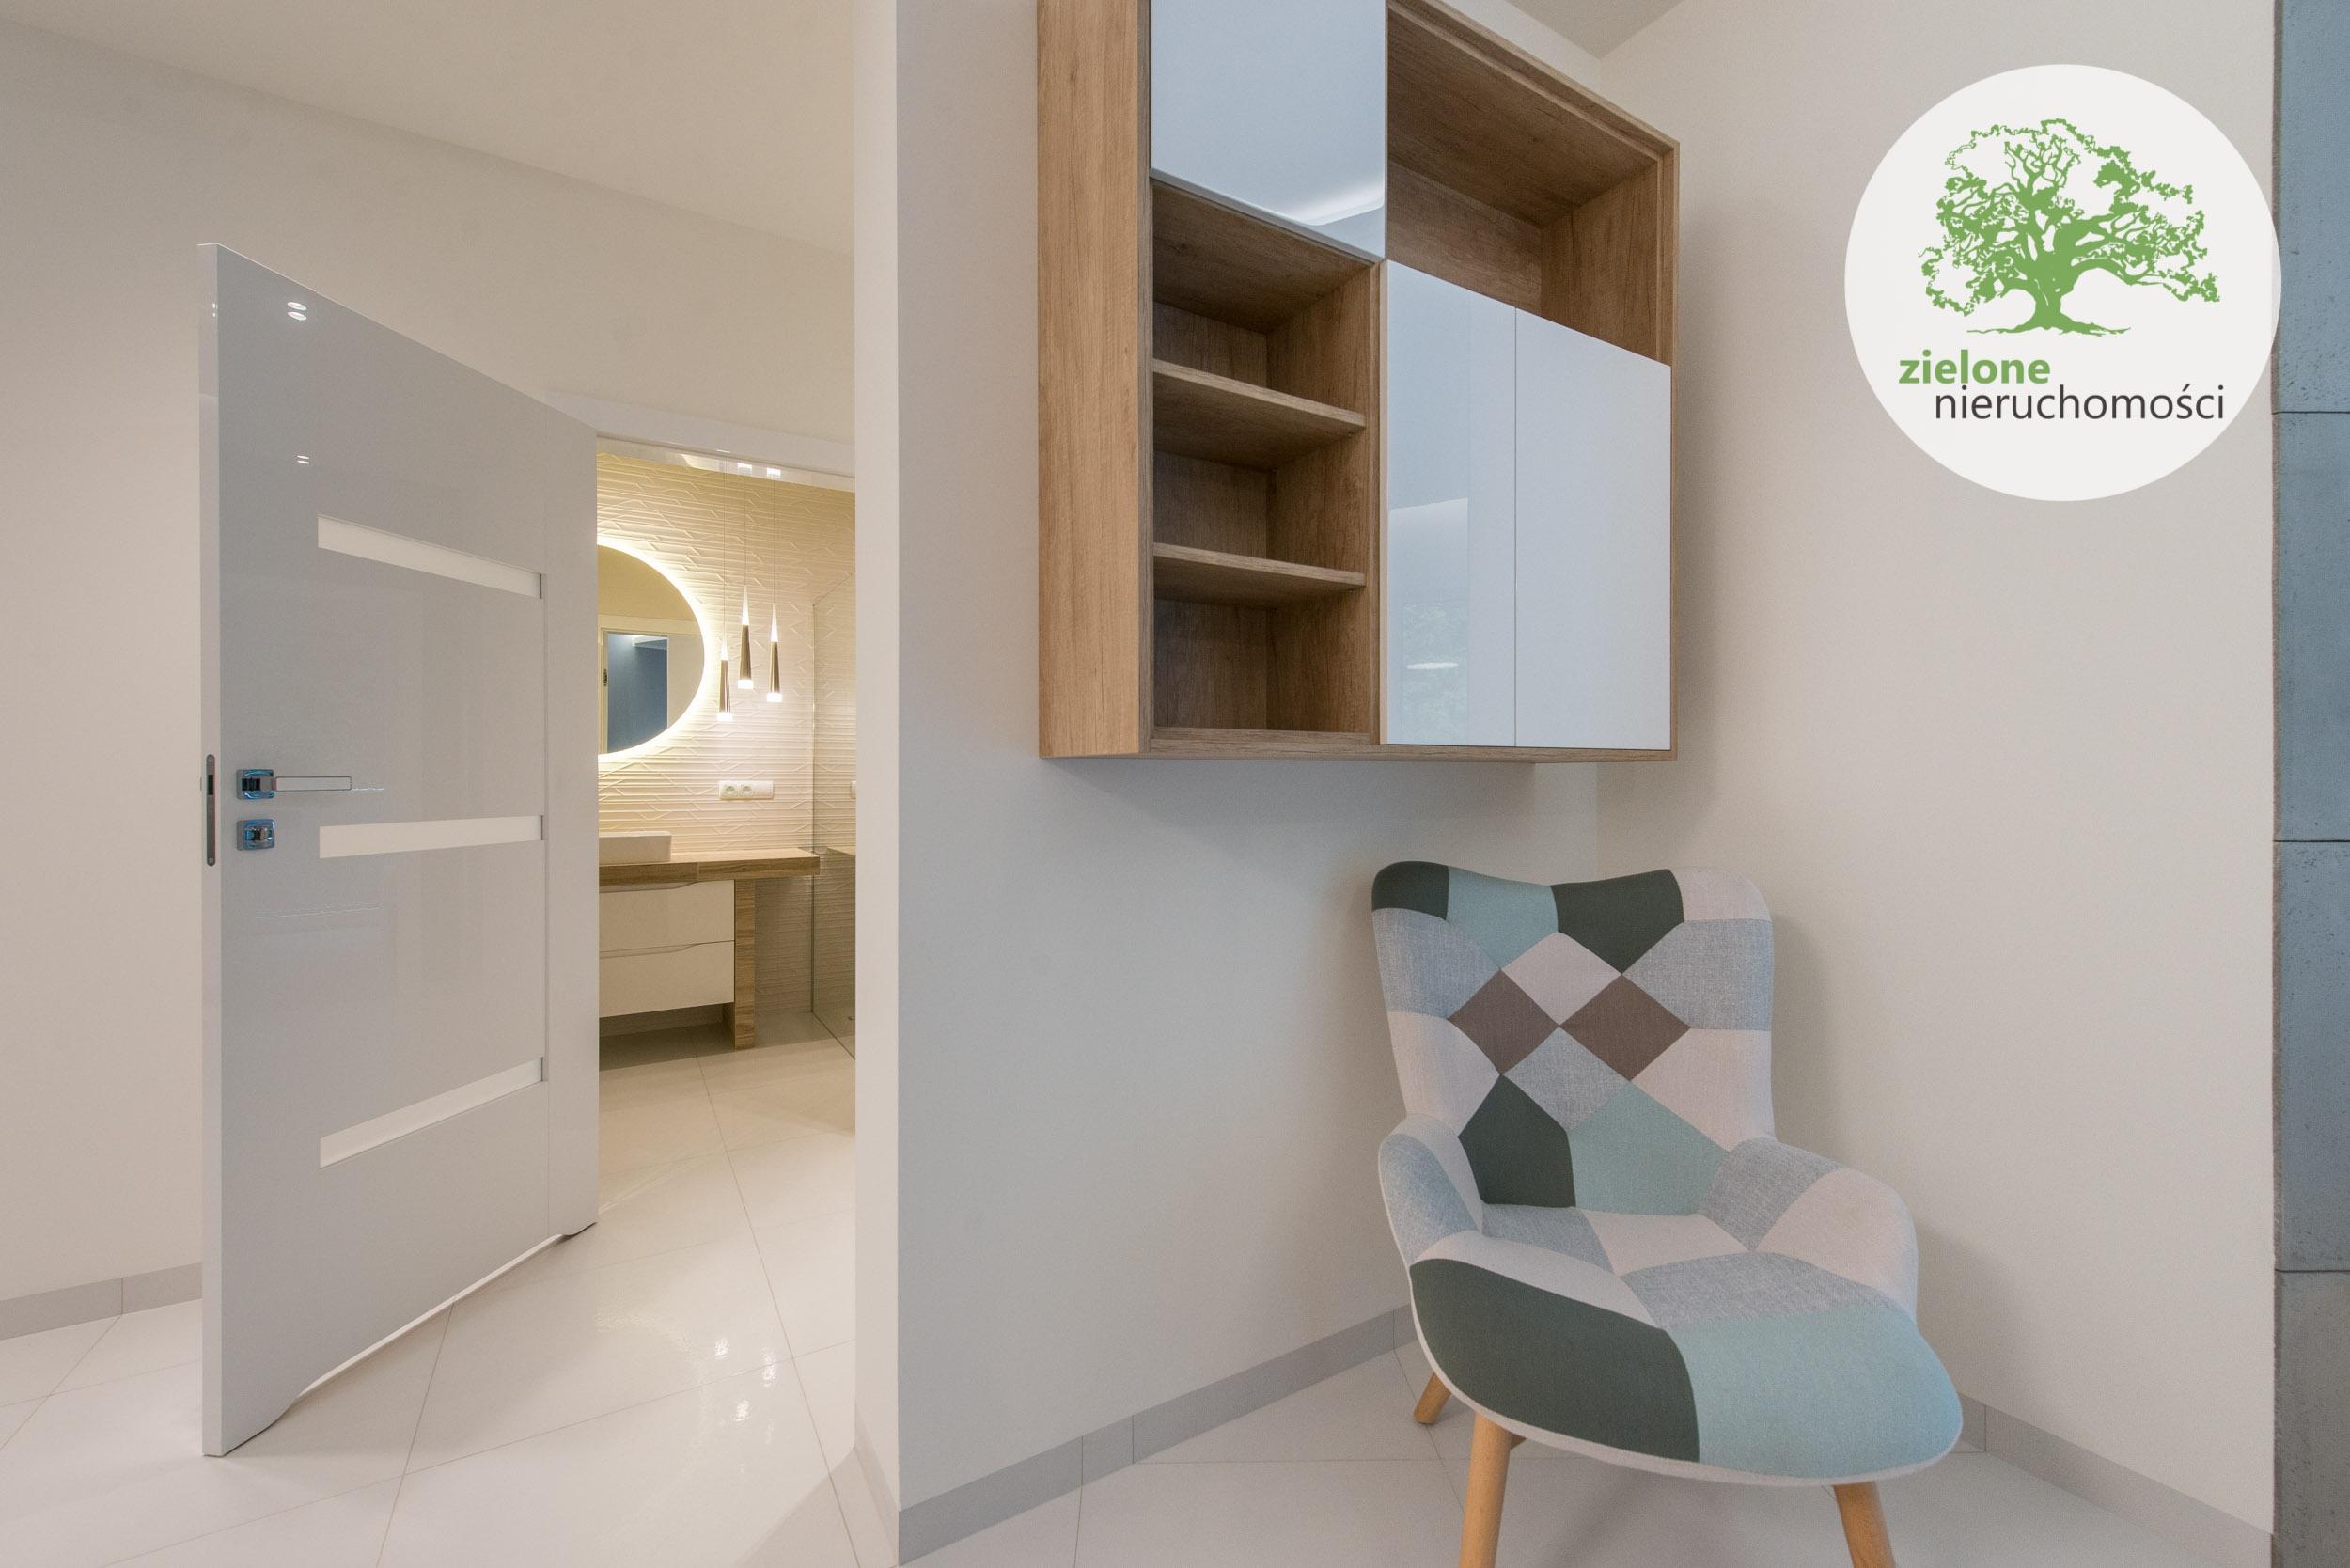 Zdjęcie 4Nowoczesny apartament w pobliżu centrum Bielska - Białej